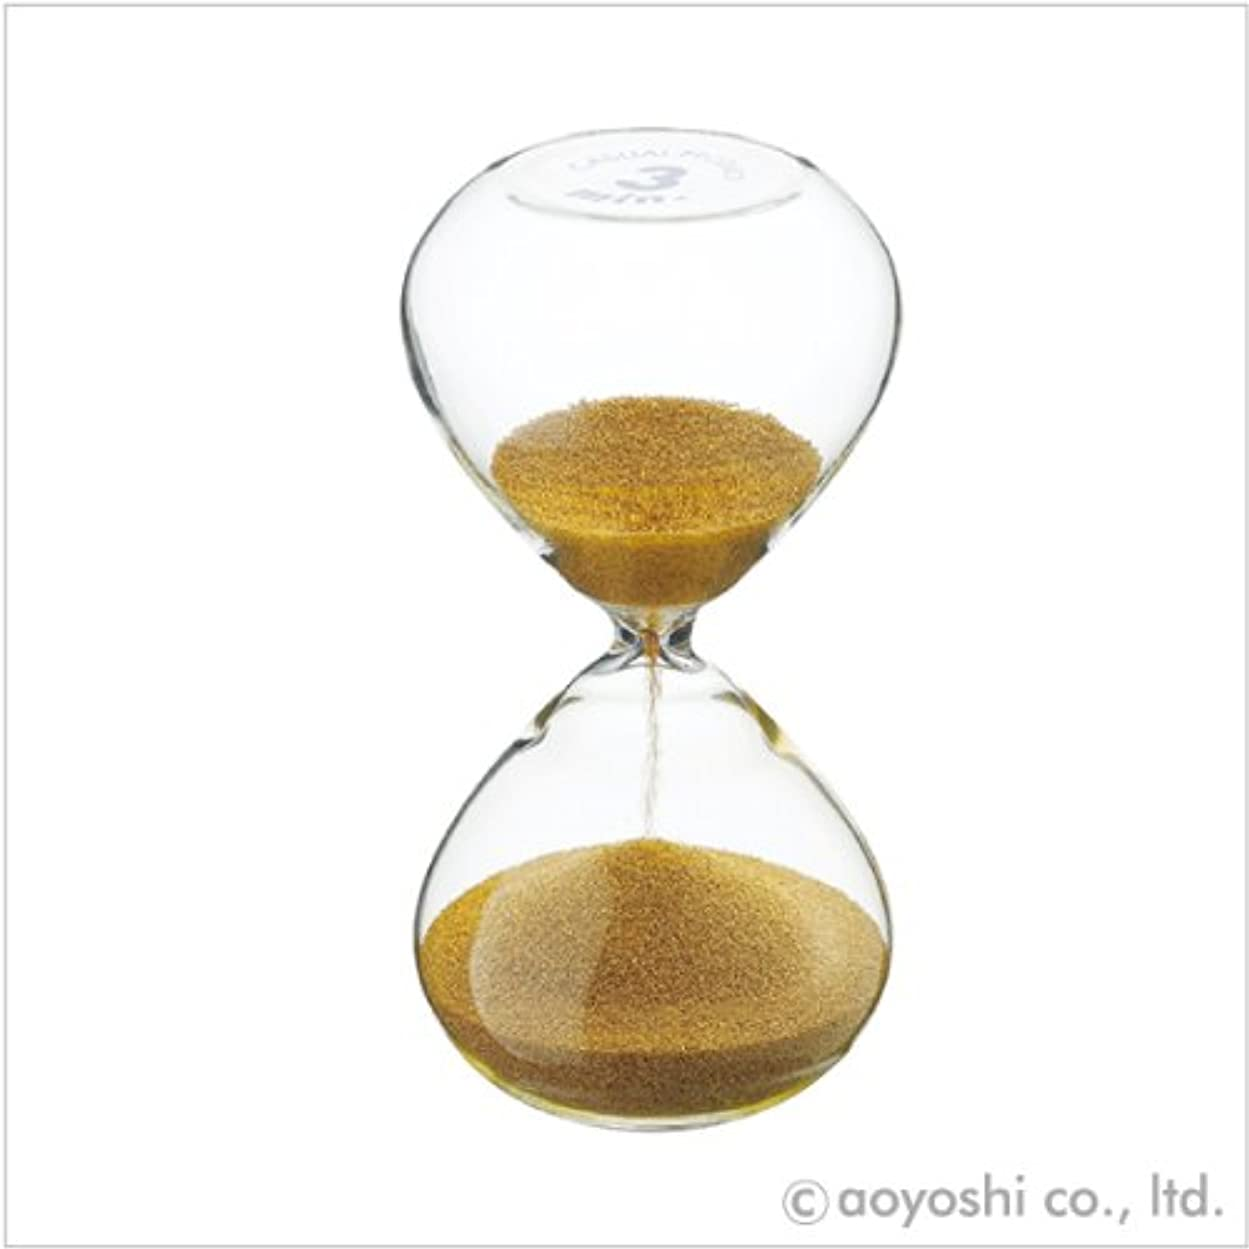 こどもの日性能いらいらするCASUAL PRODUCT プレシャス サンドグラス ゴールド 3分計 019500